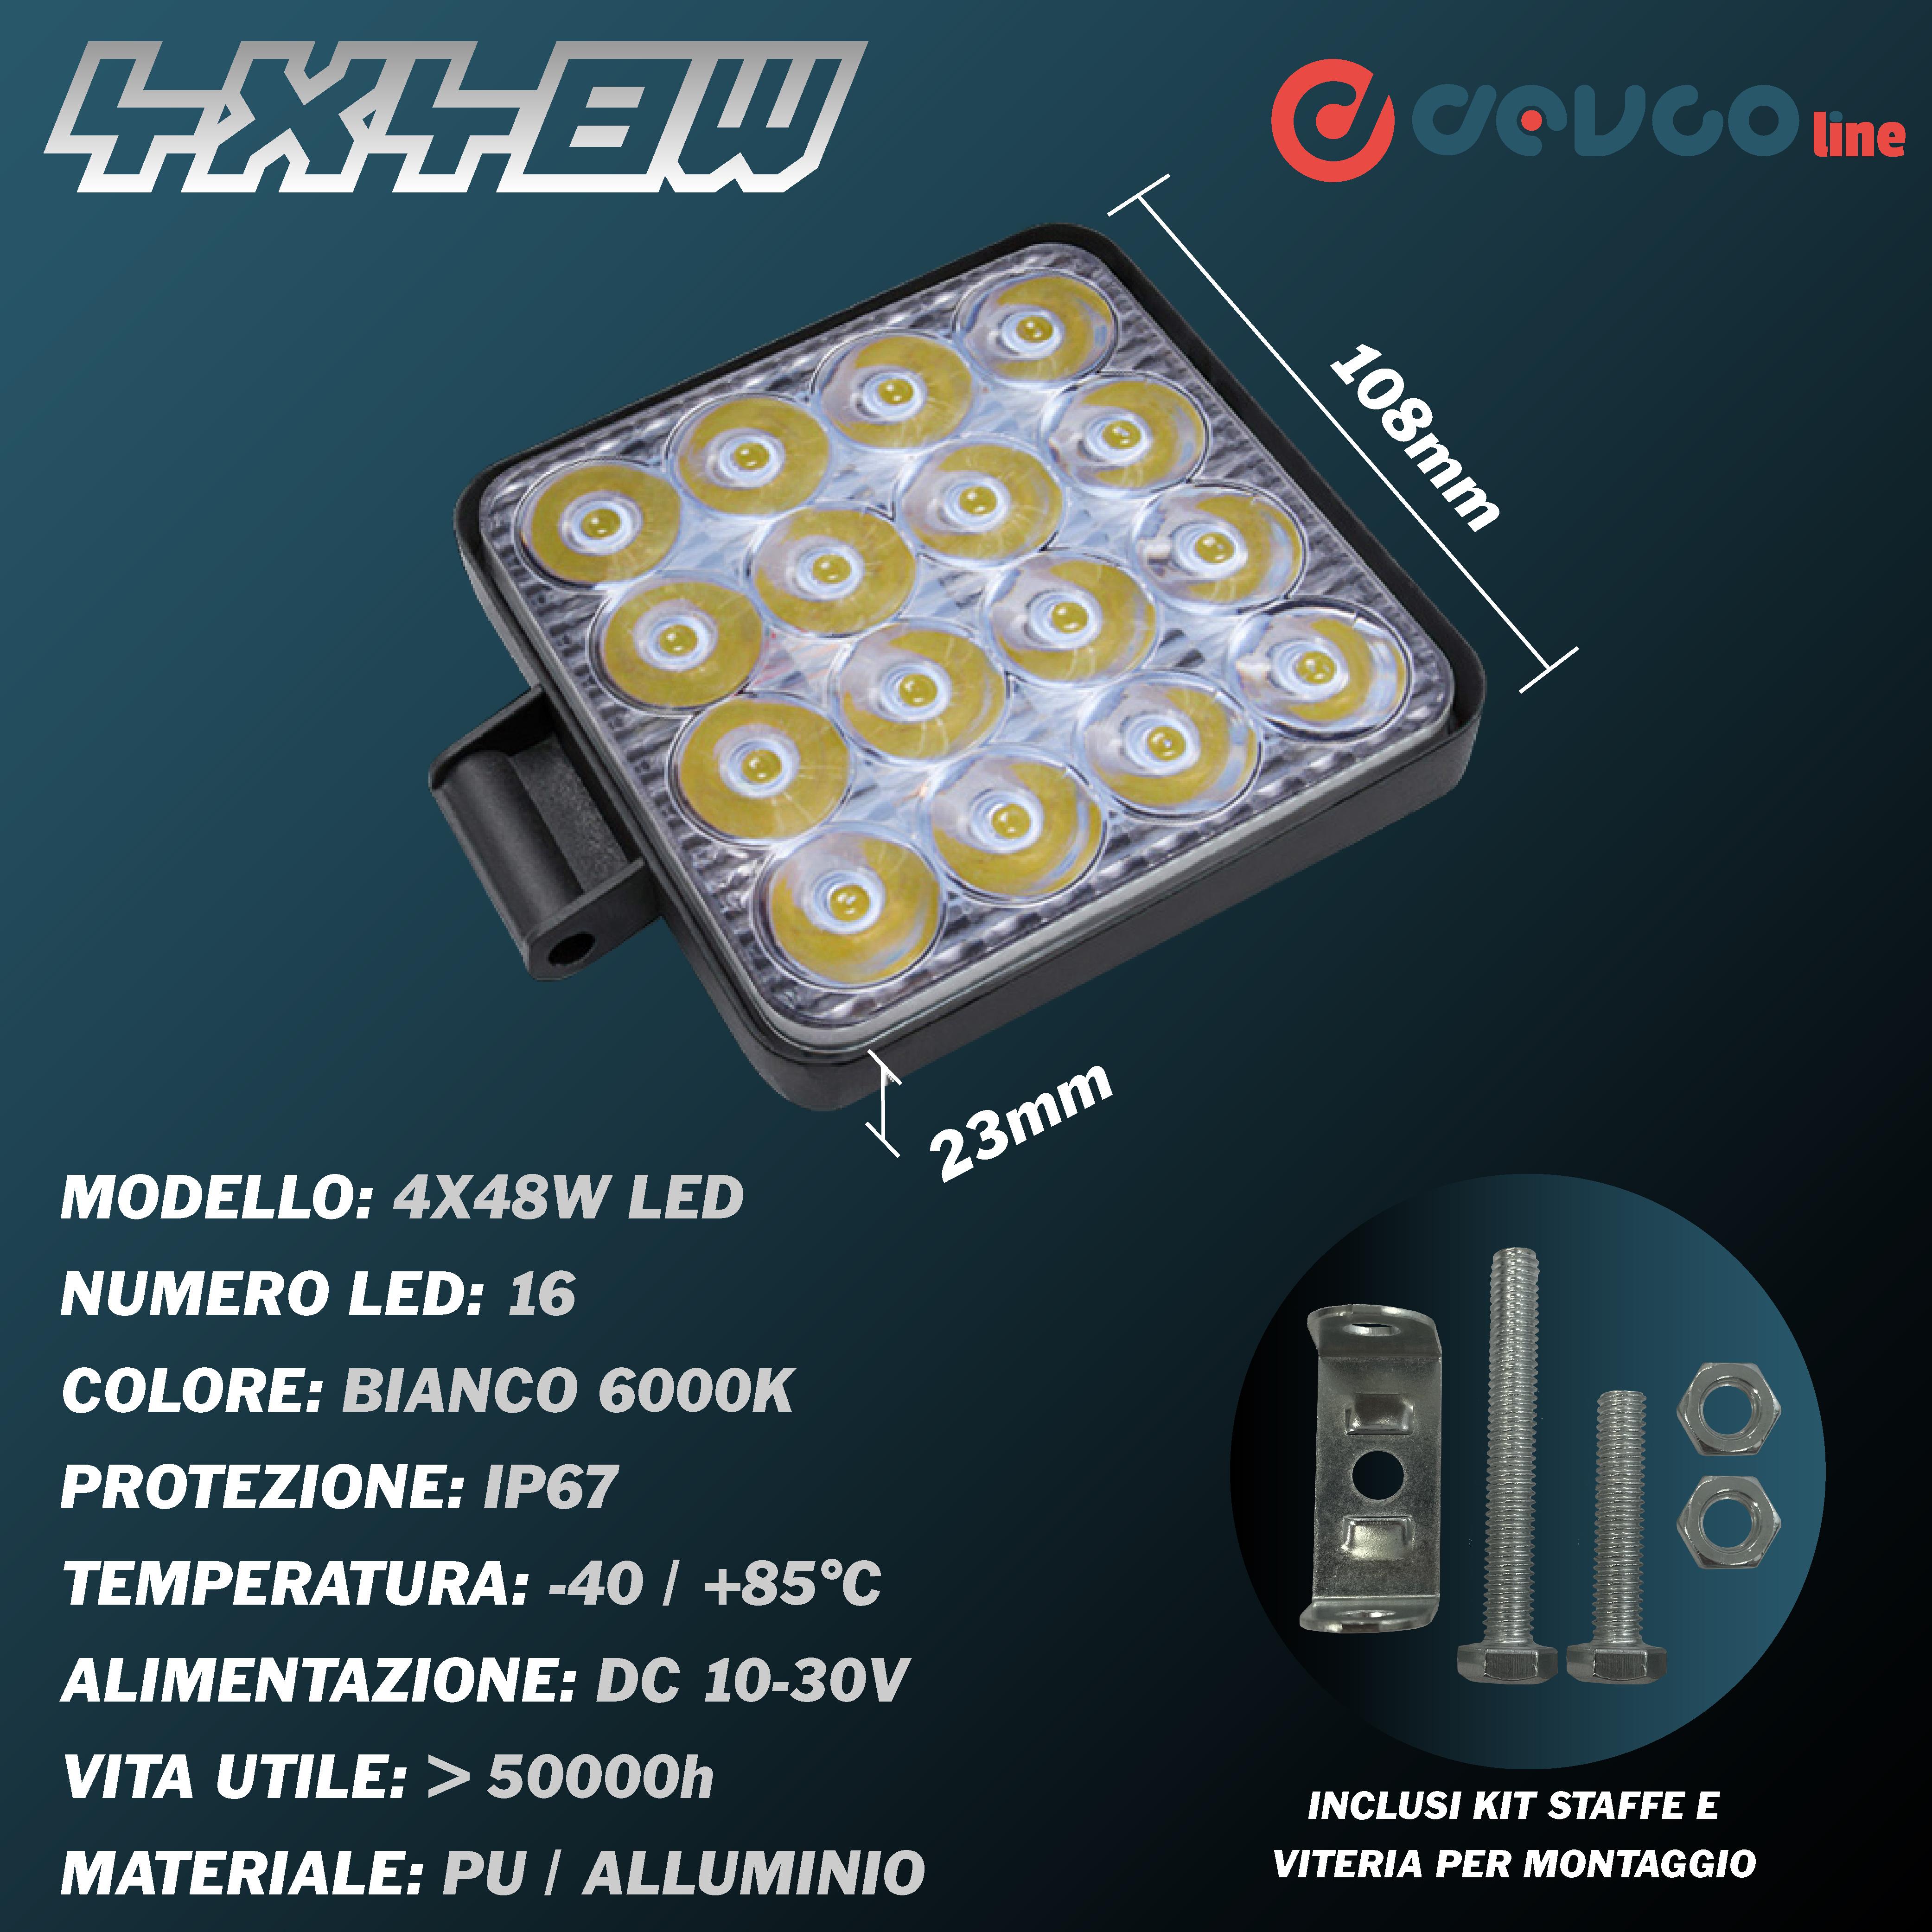 Fari LED quadrati 48W kit da 4 pezzi - DEVCOline - AR FL 4X48